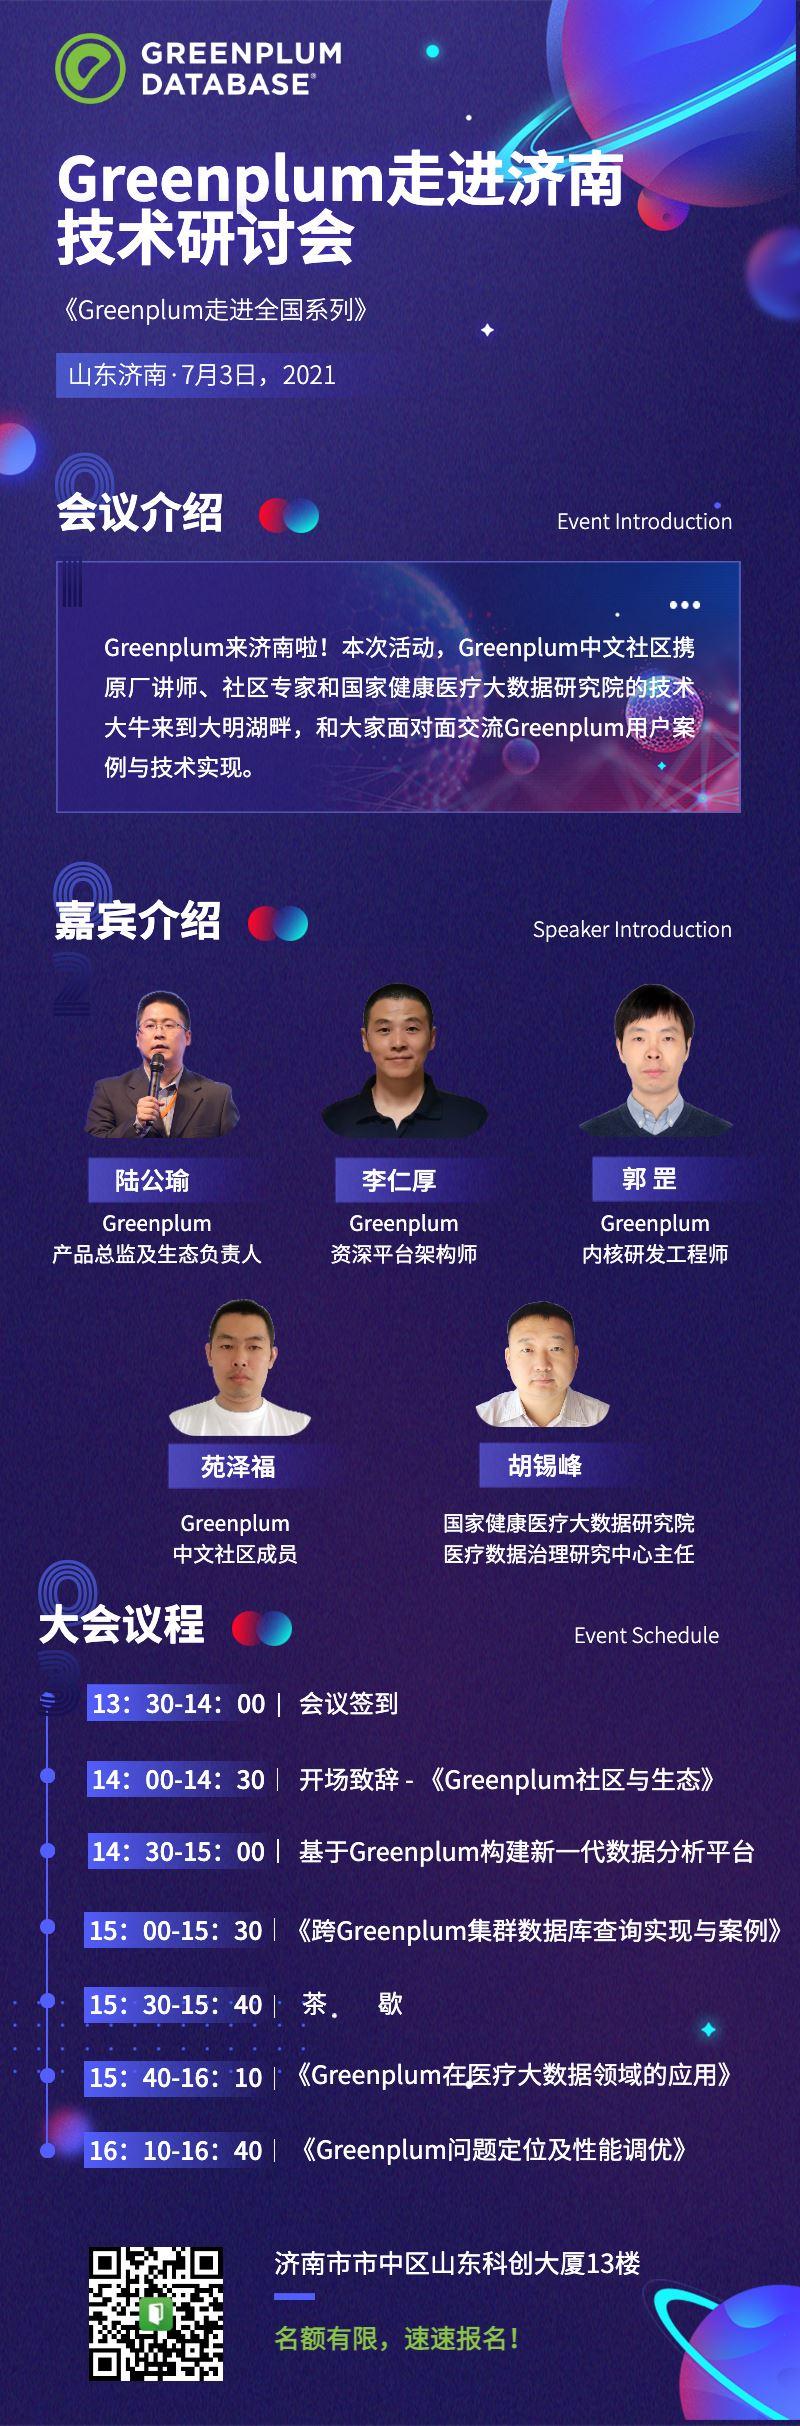 科技风邀请函星球会议活动长图海报 (3).jpg